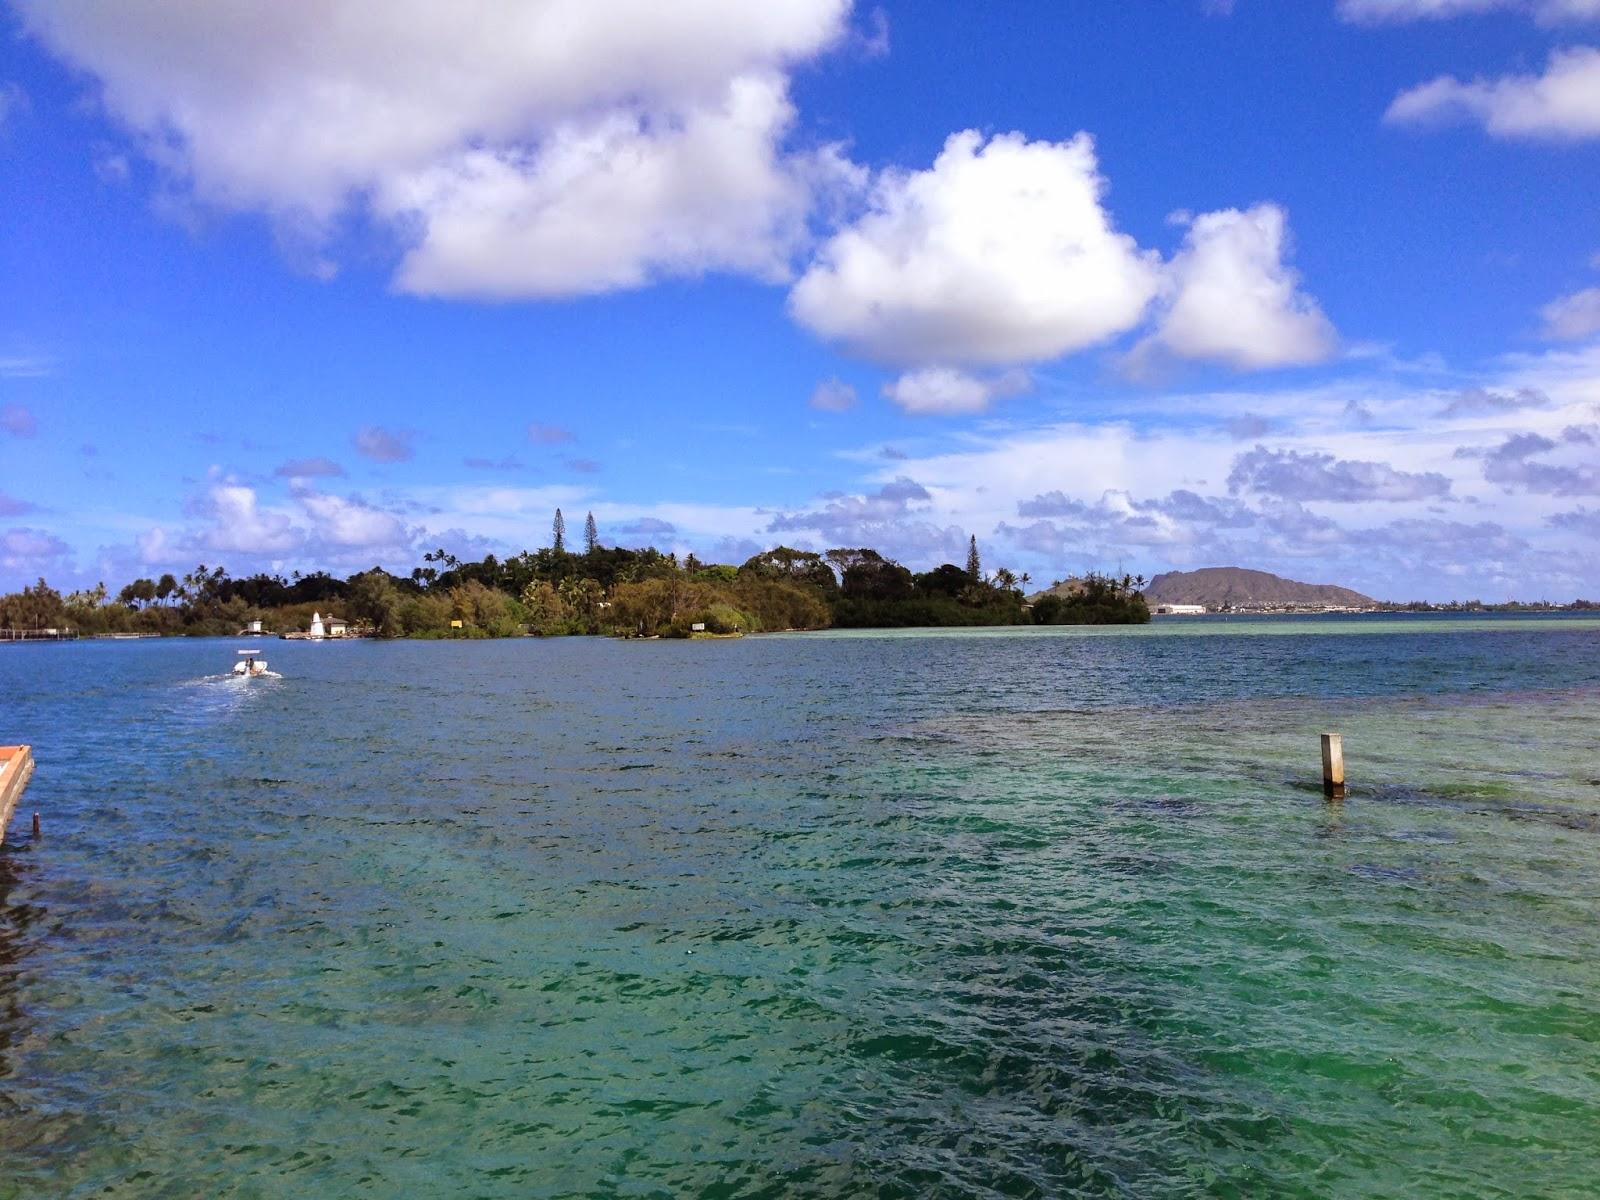 Gilligans Island Kaneohe